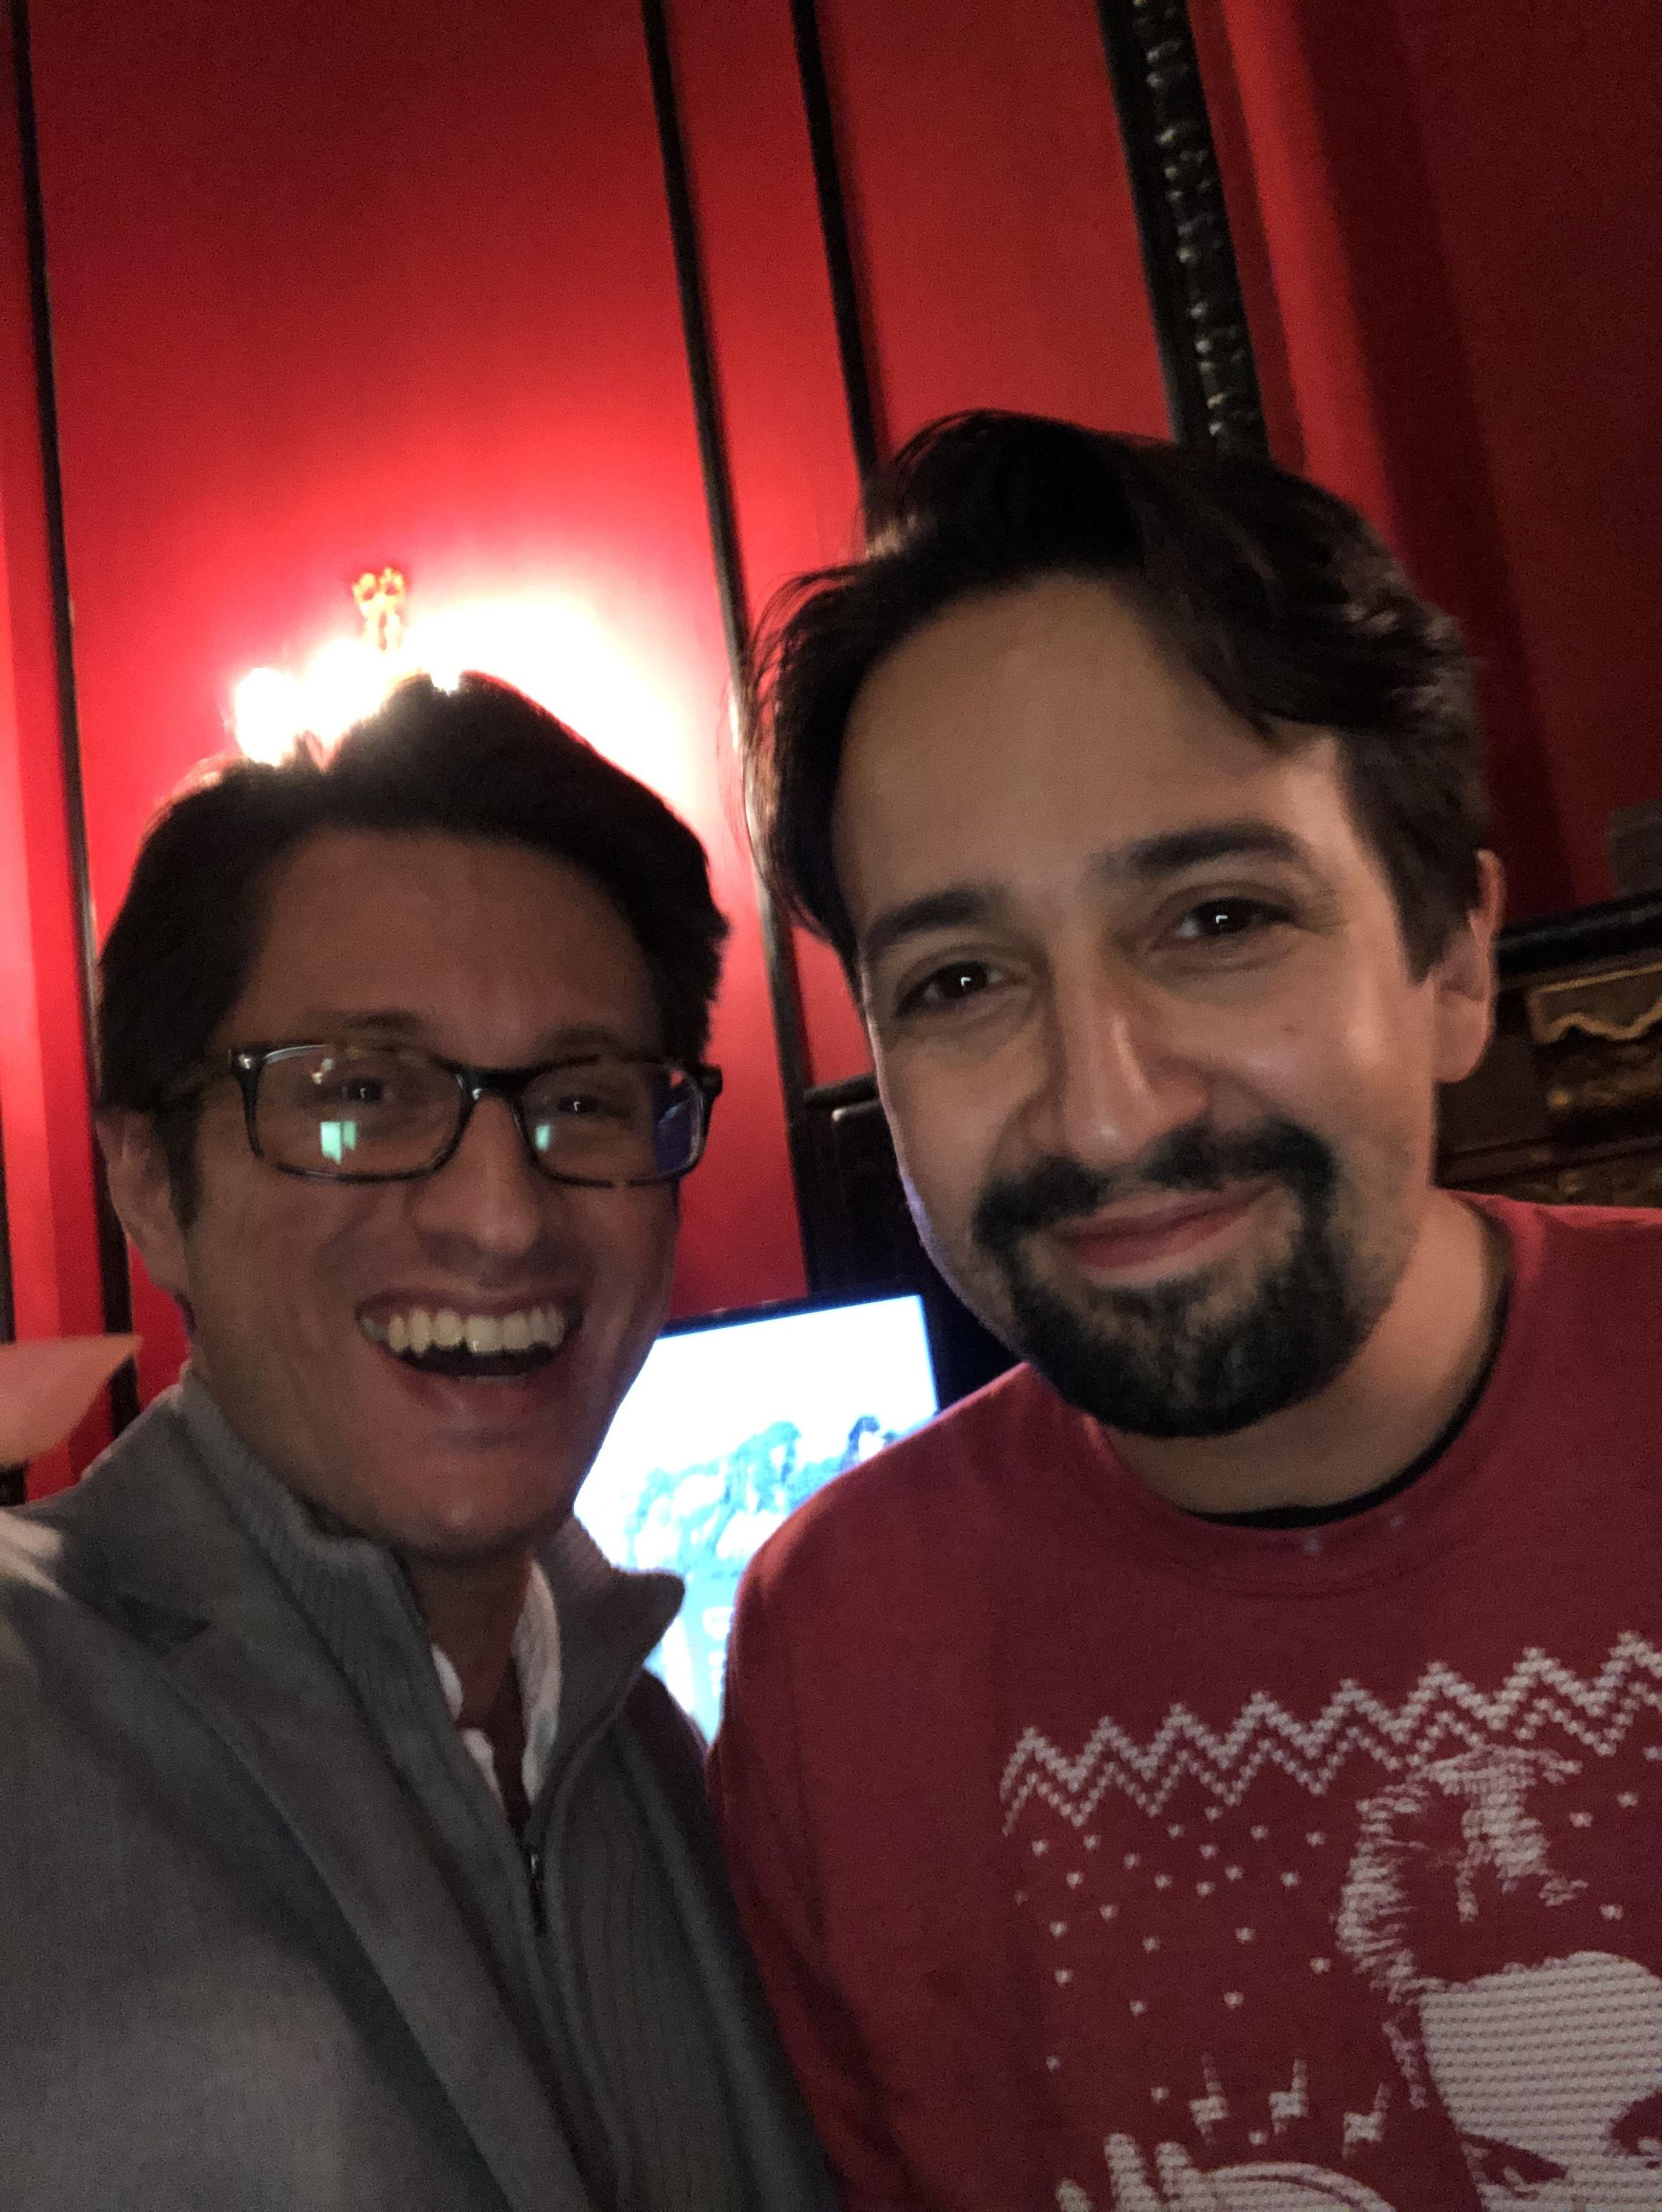 Dan Mangru and Lin-Manuel Miranda - Creator of Hamilton